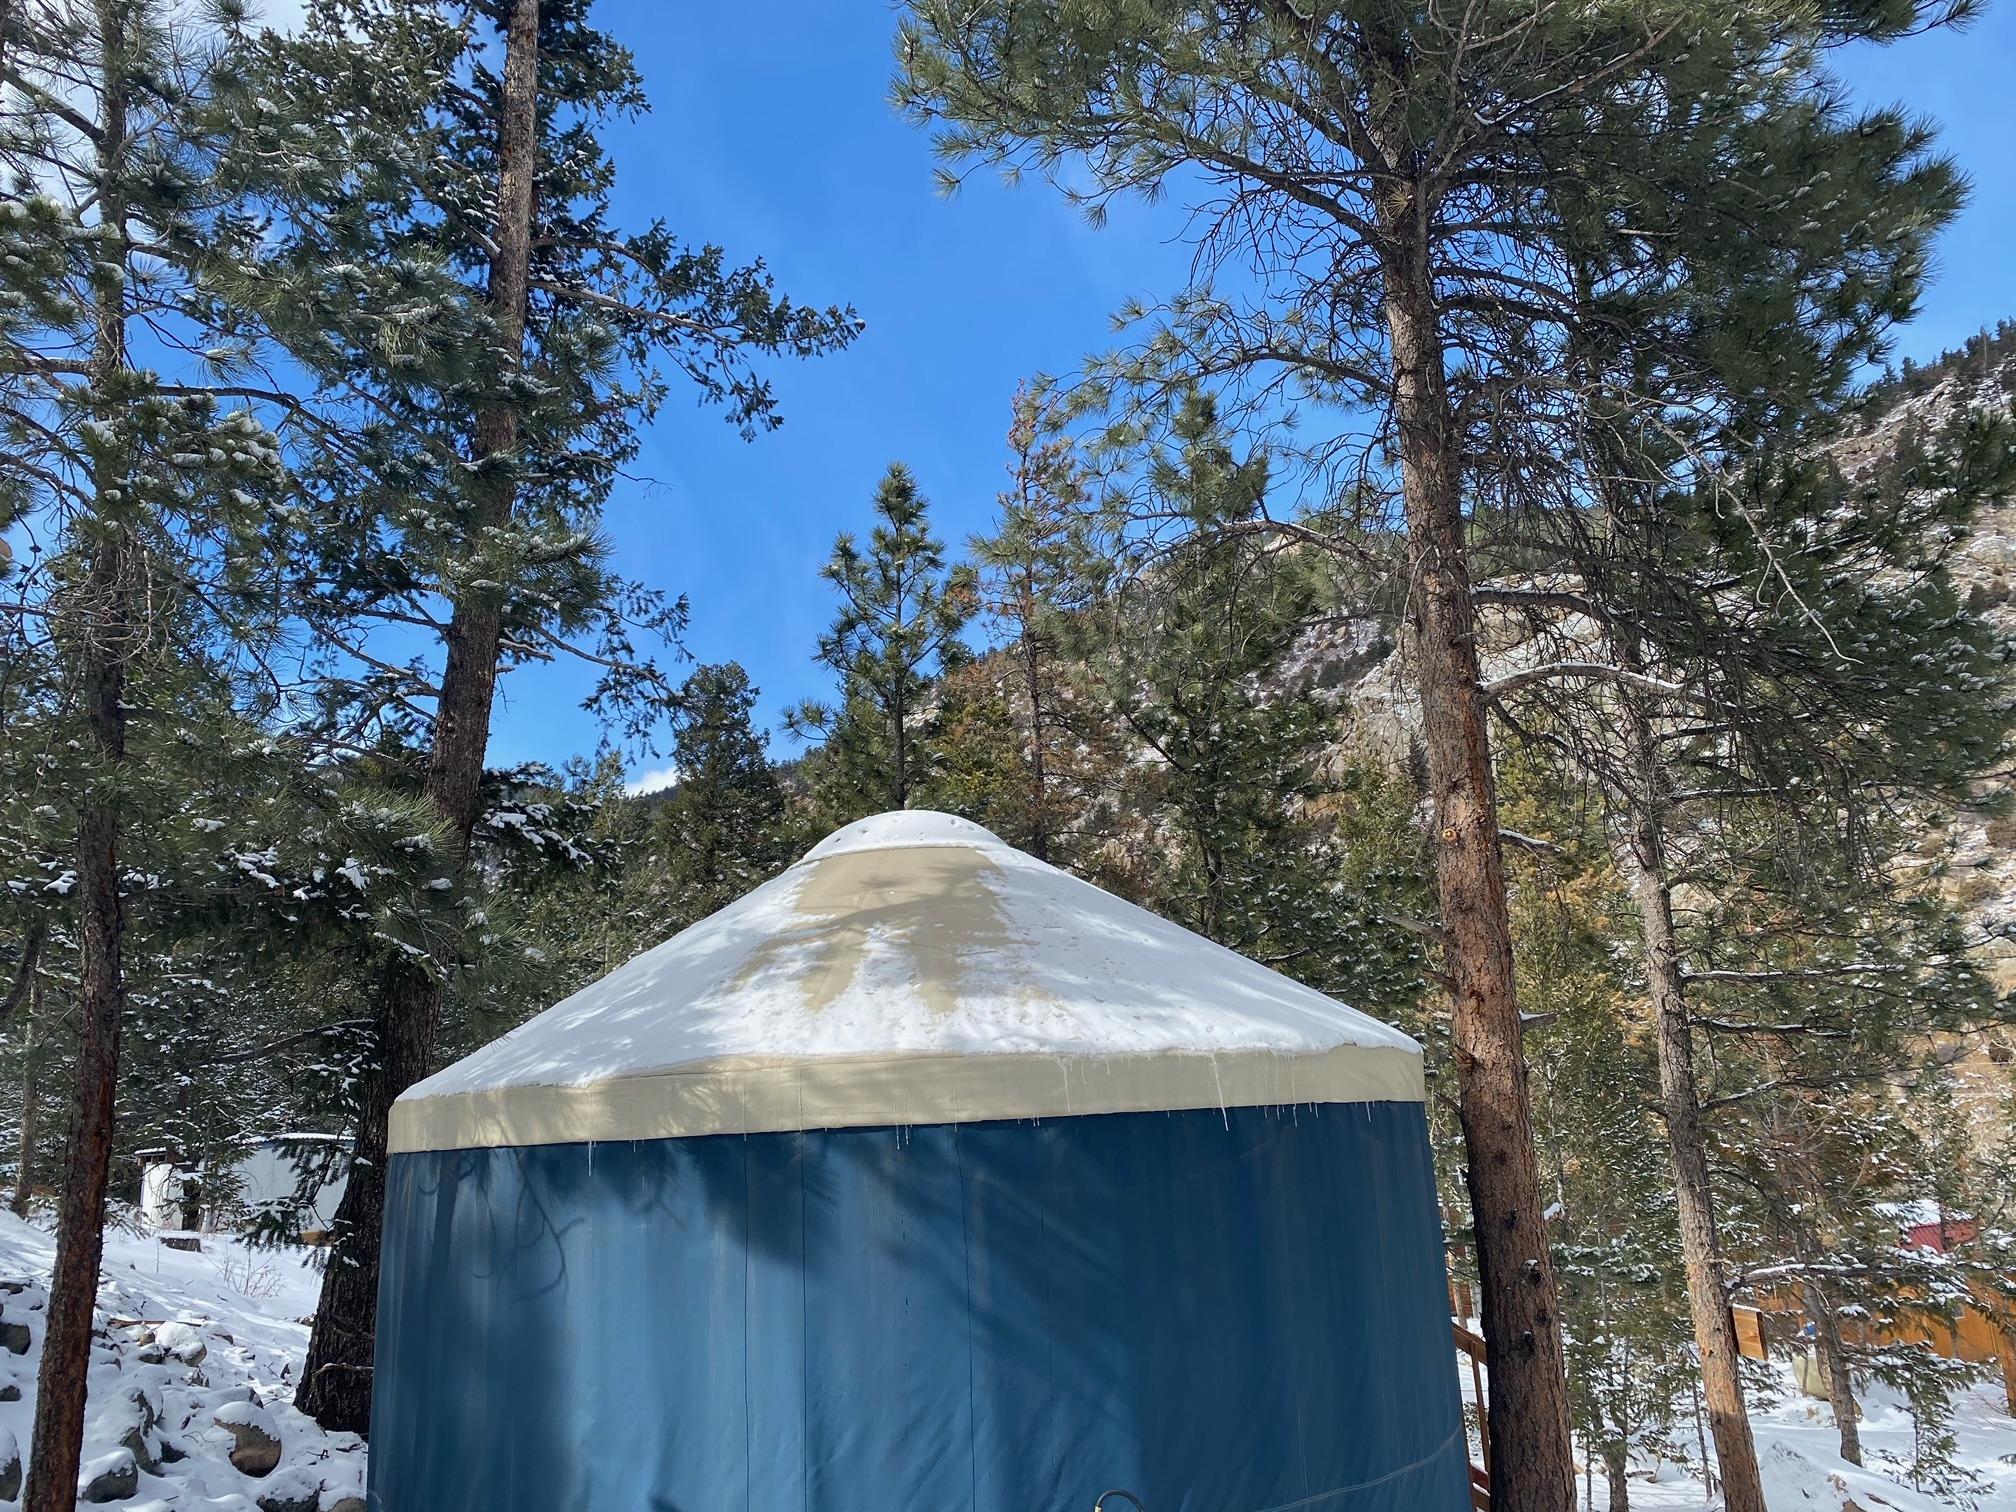 yurt 2021